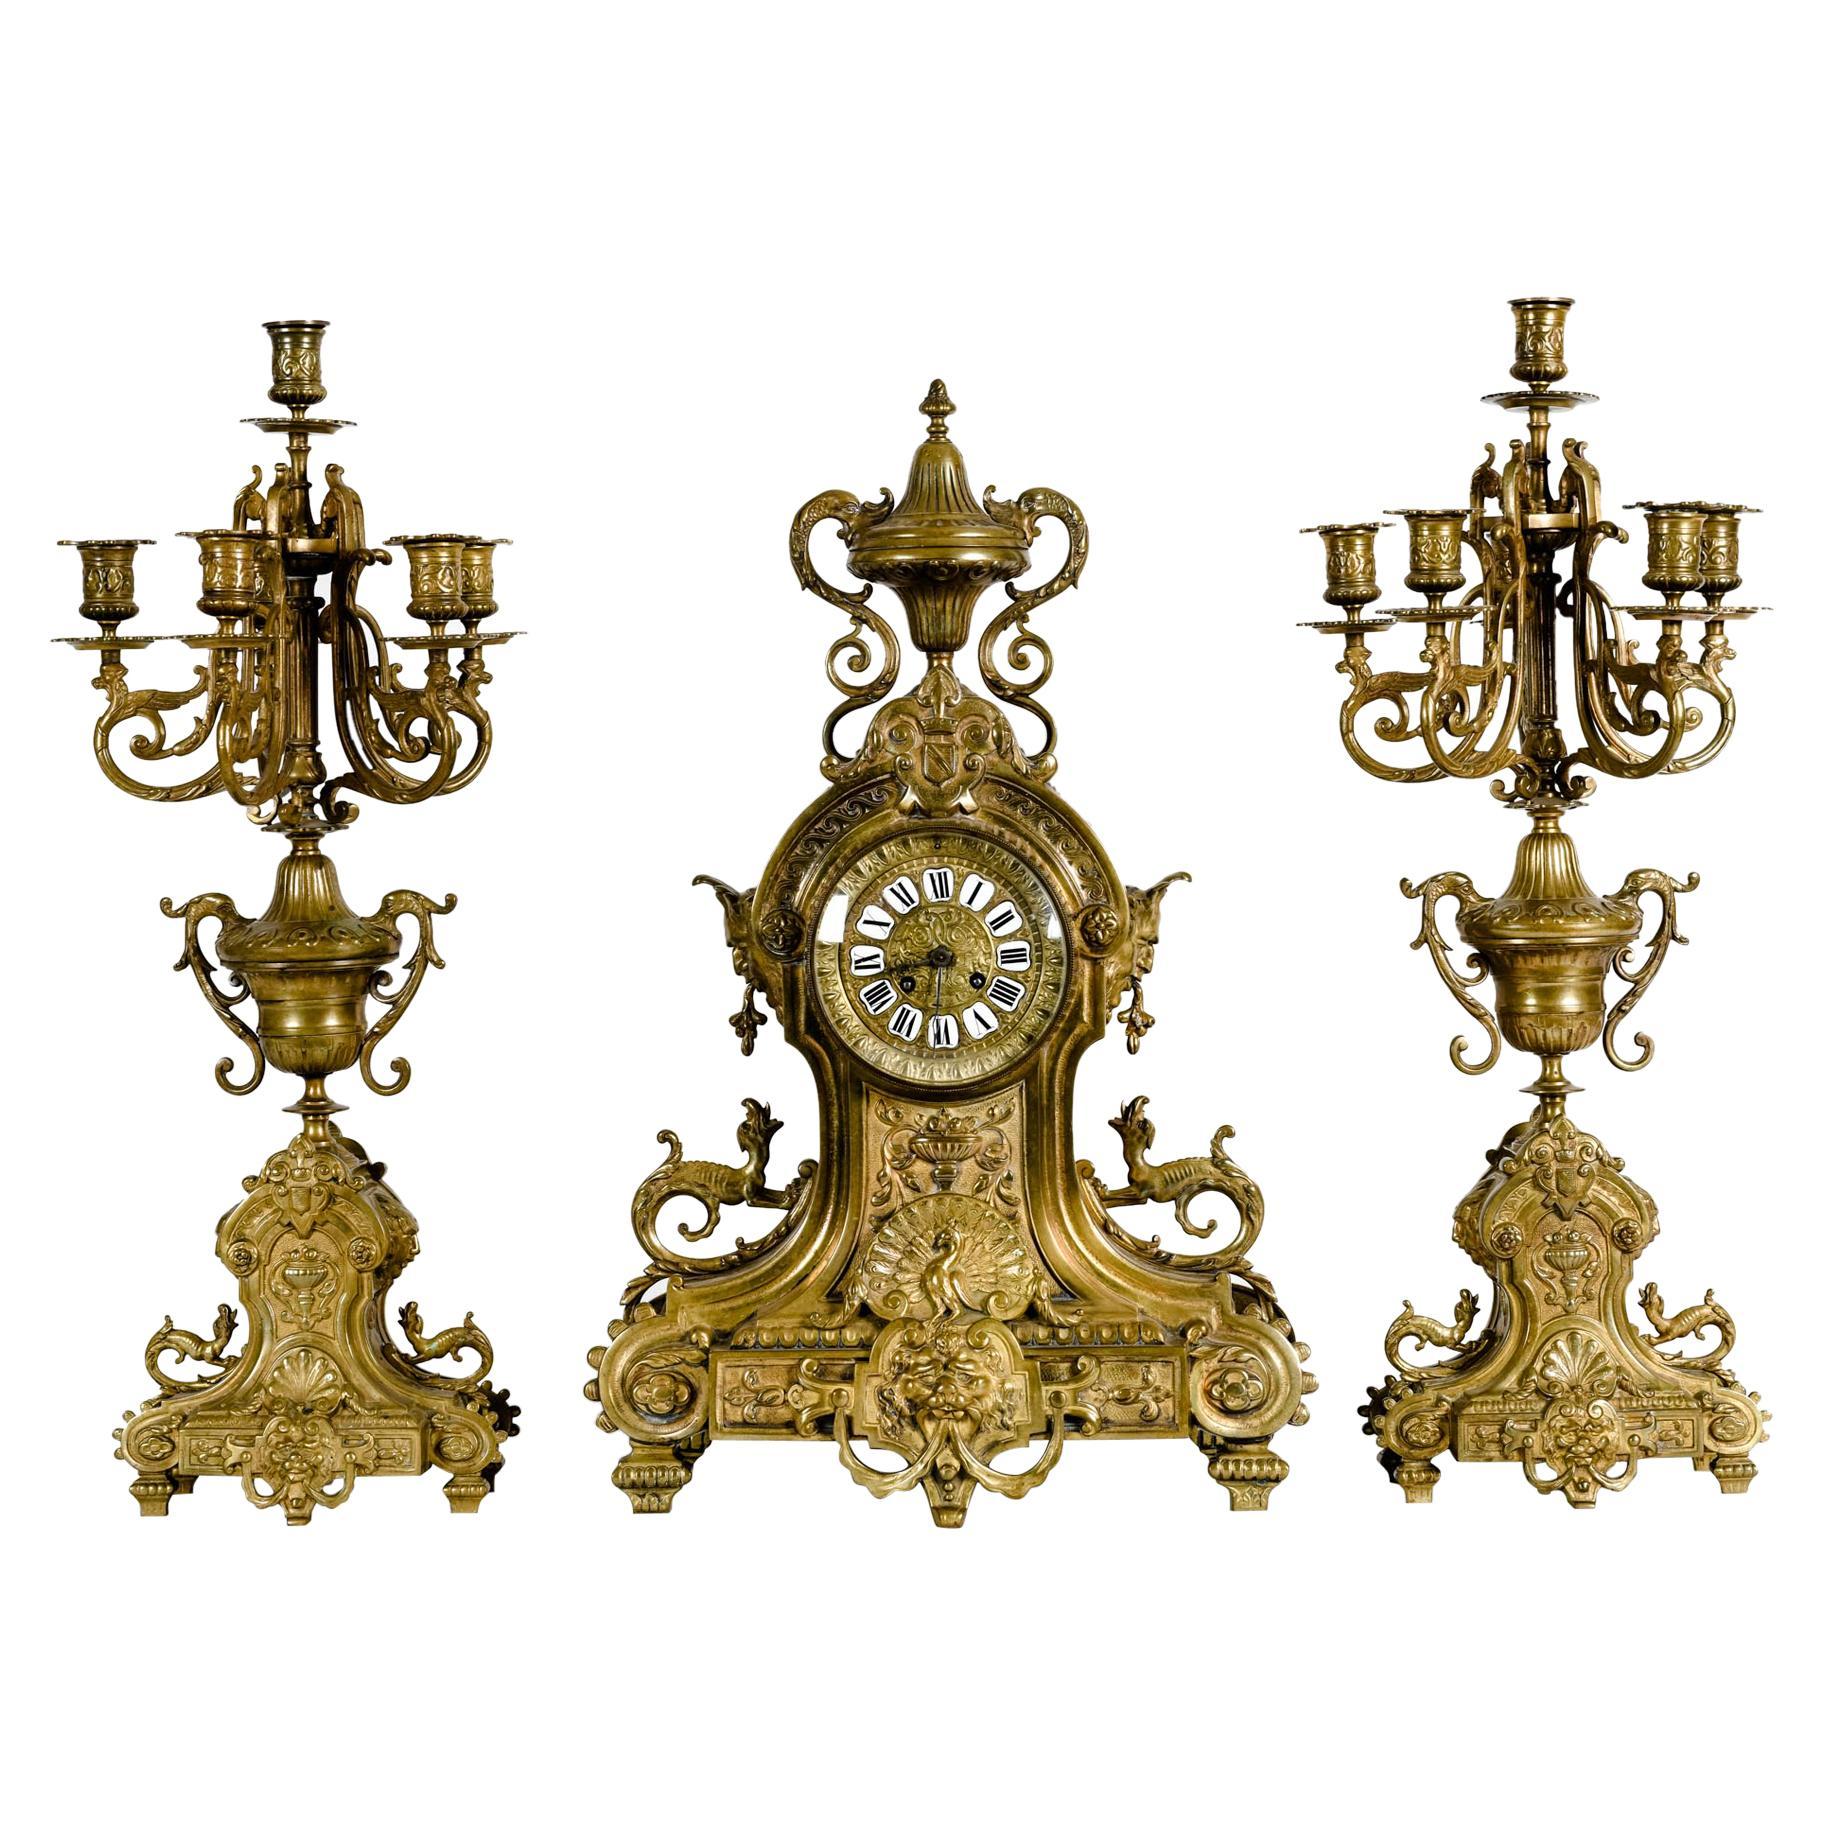 Antique English Bronze Three-Piece Clock Garniture Set